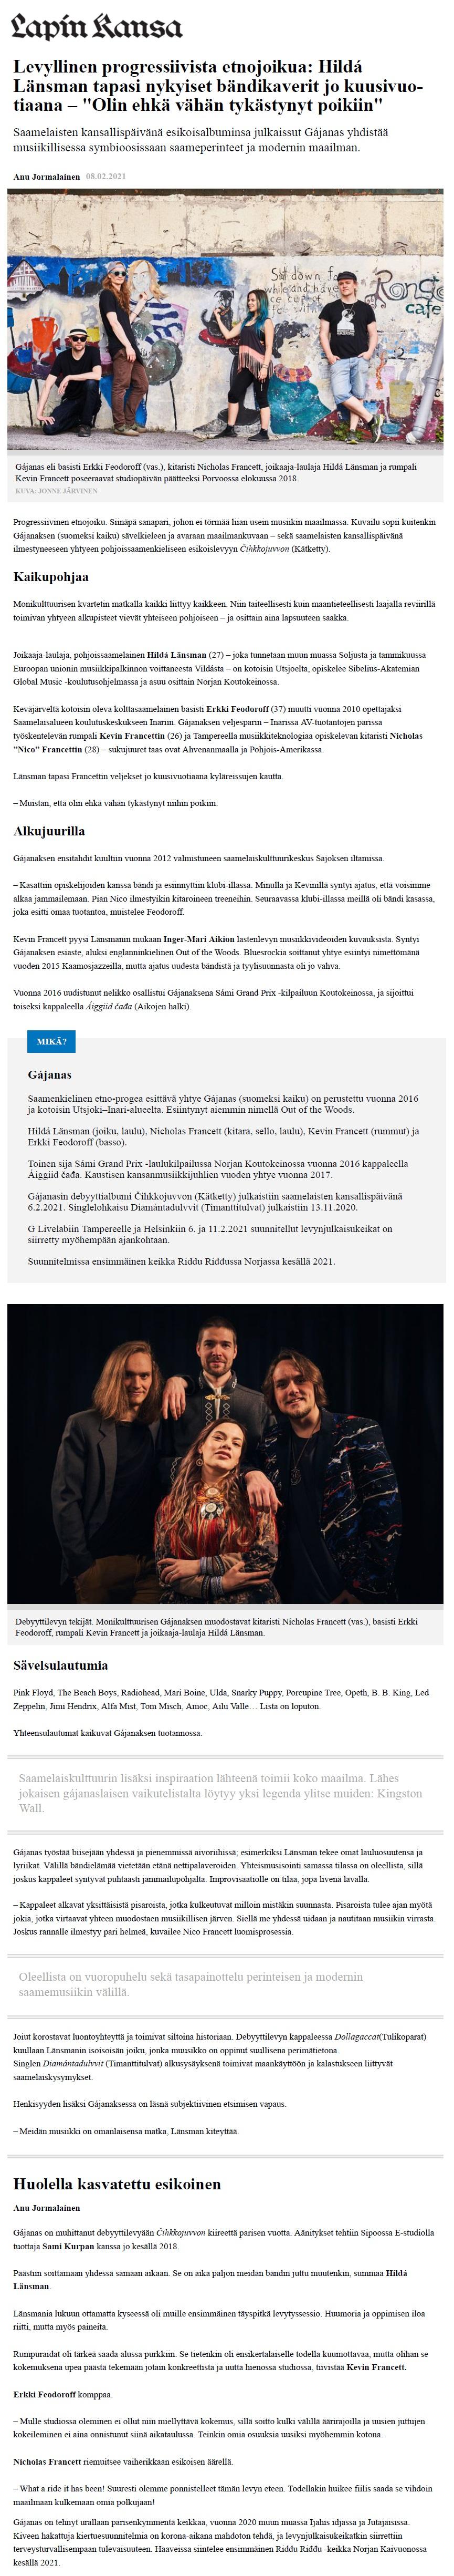 Lapin Kansa (Finland), 8.2.2021